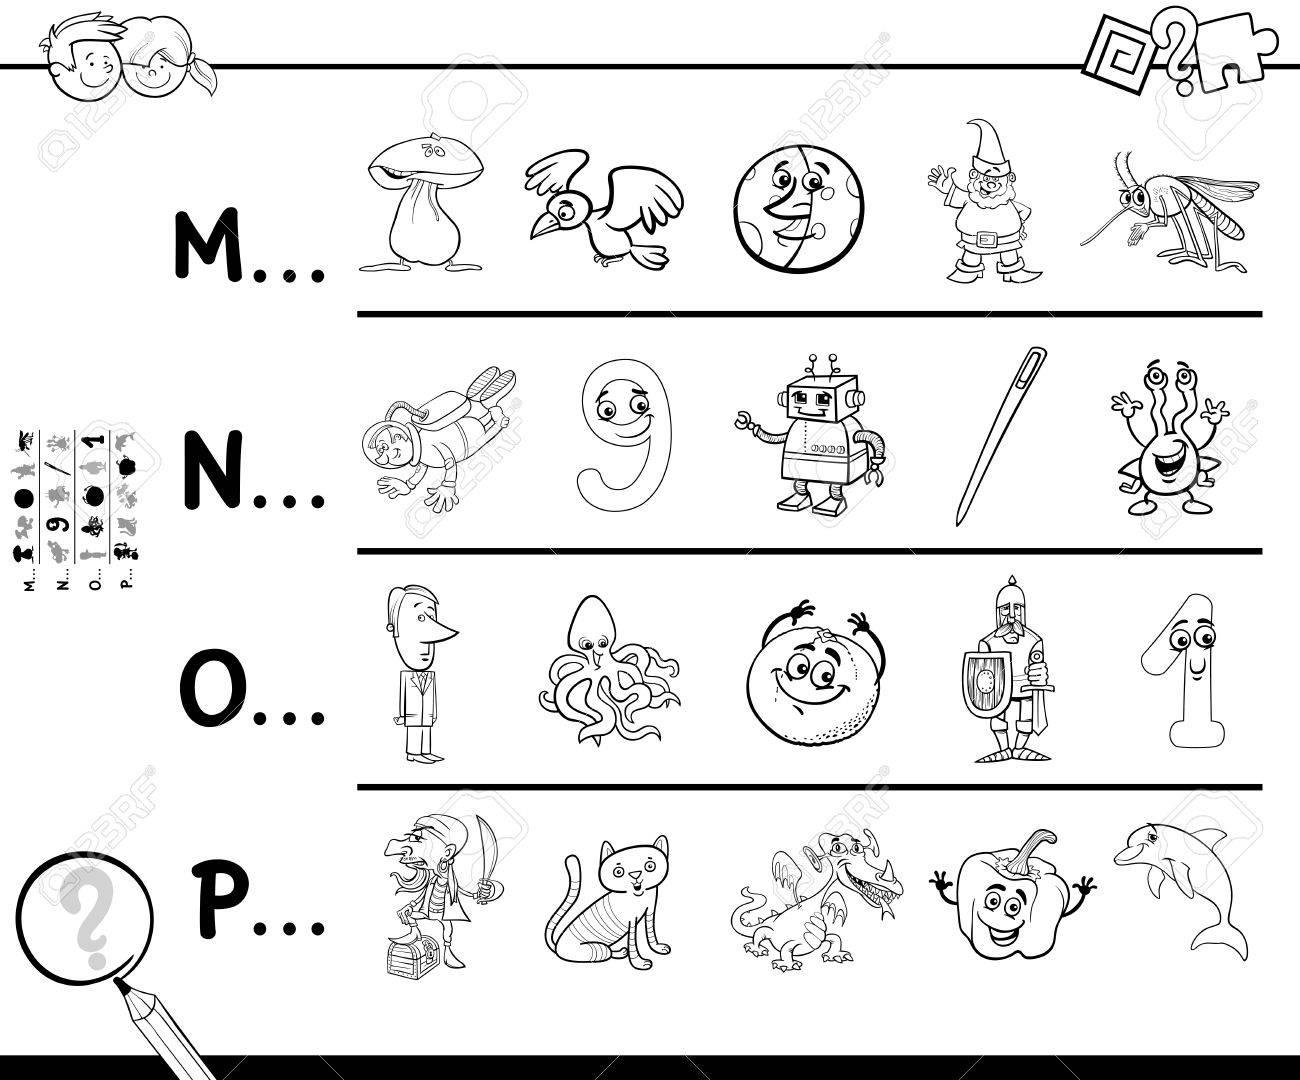 Ilustración De Dibujos Animados En Blanco Y Negro De La Búsqueda De Imágenes A Partir De La Carta De Referencia De Juegos Educativos Para Niños Libro